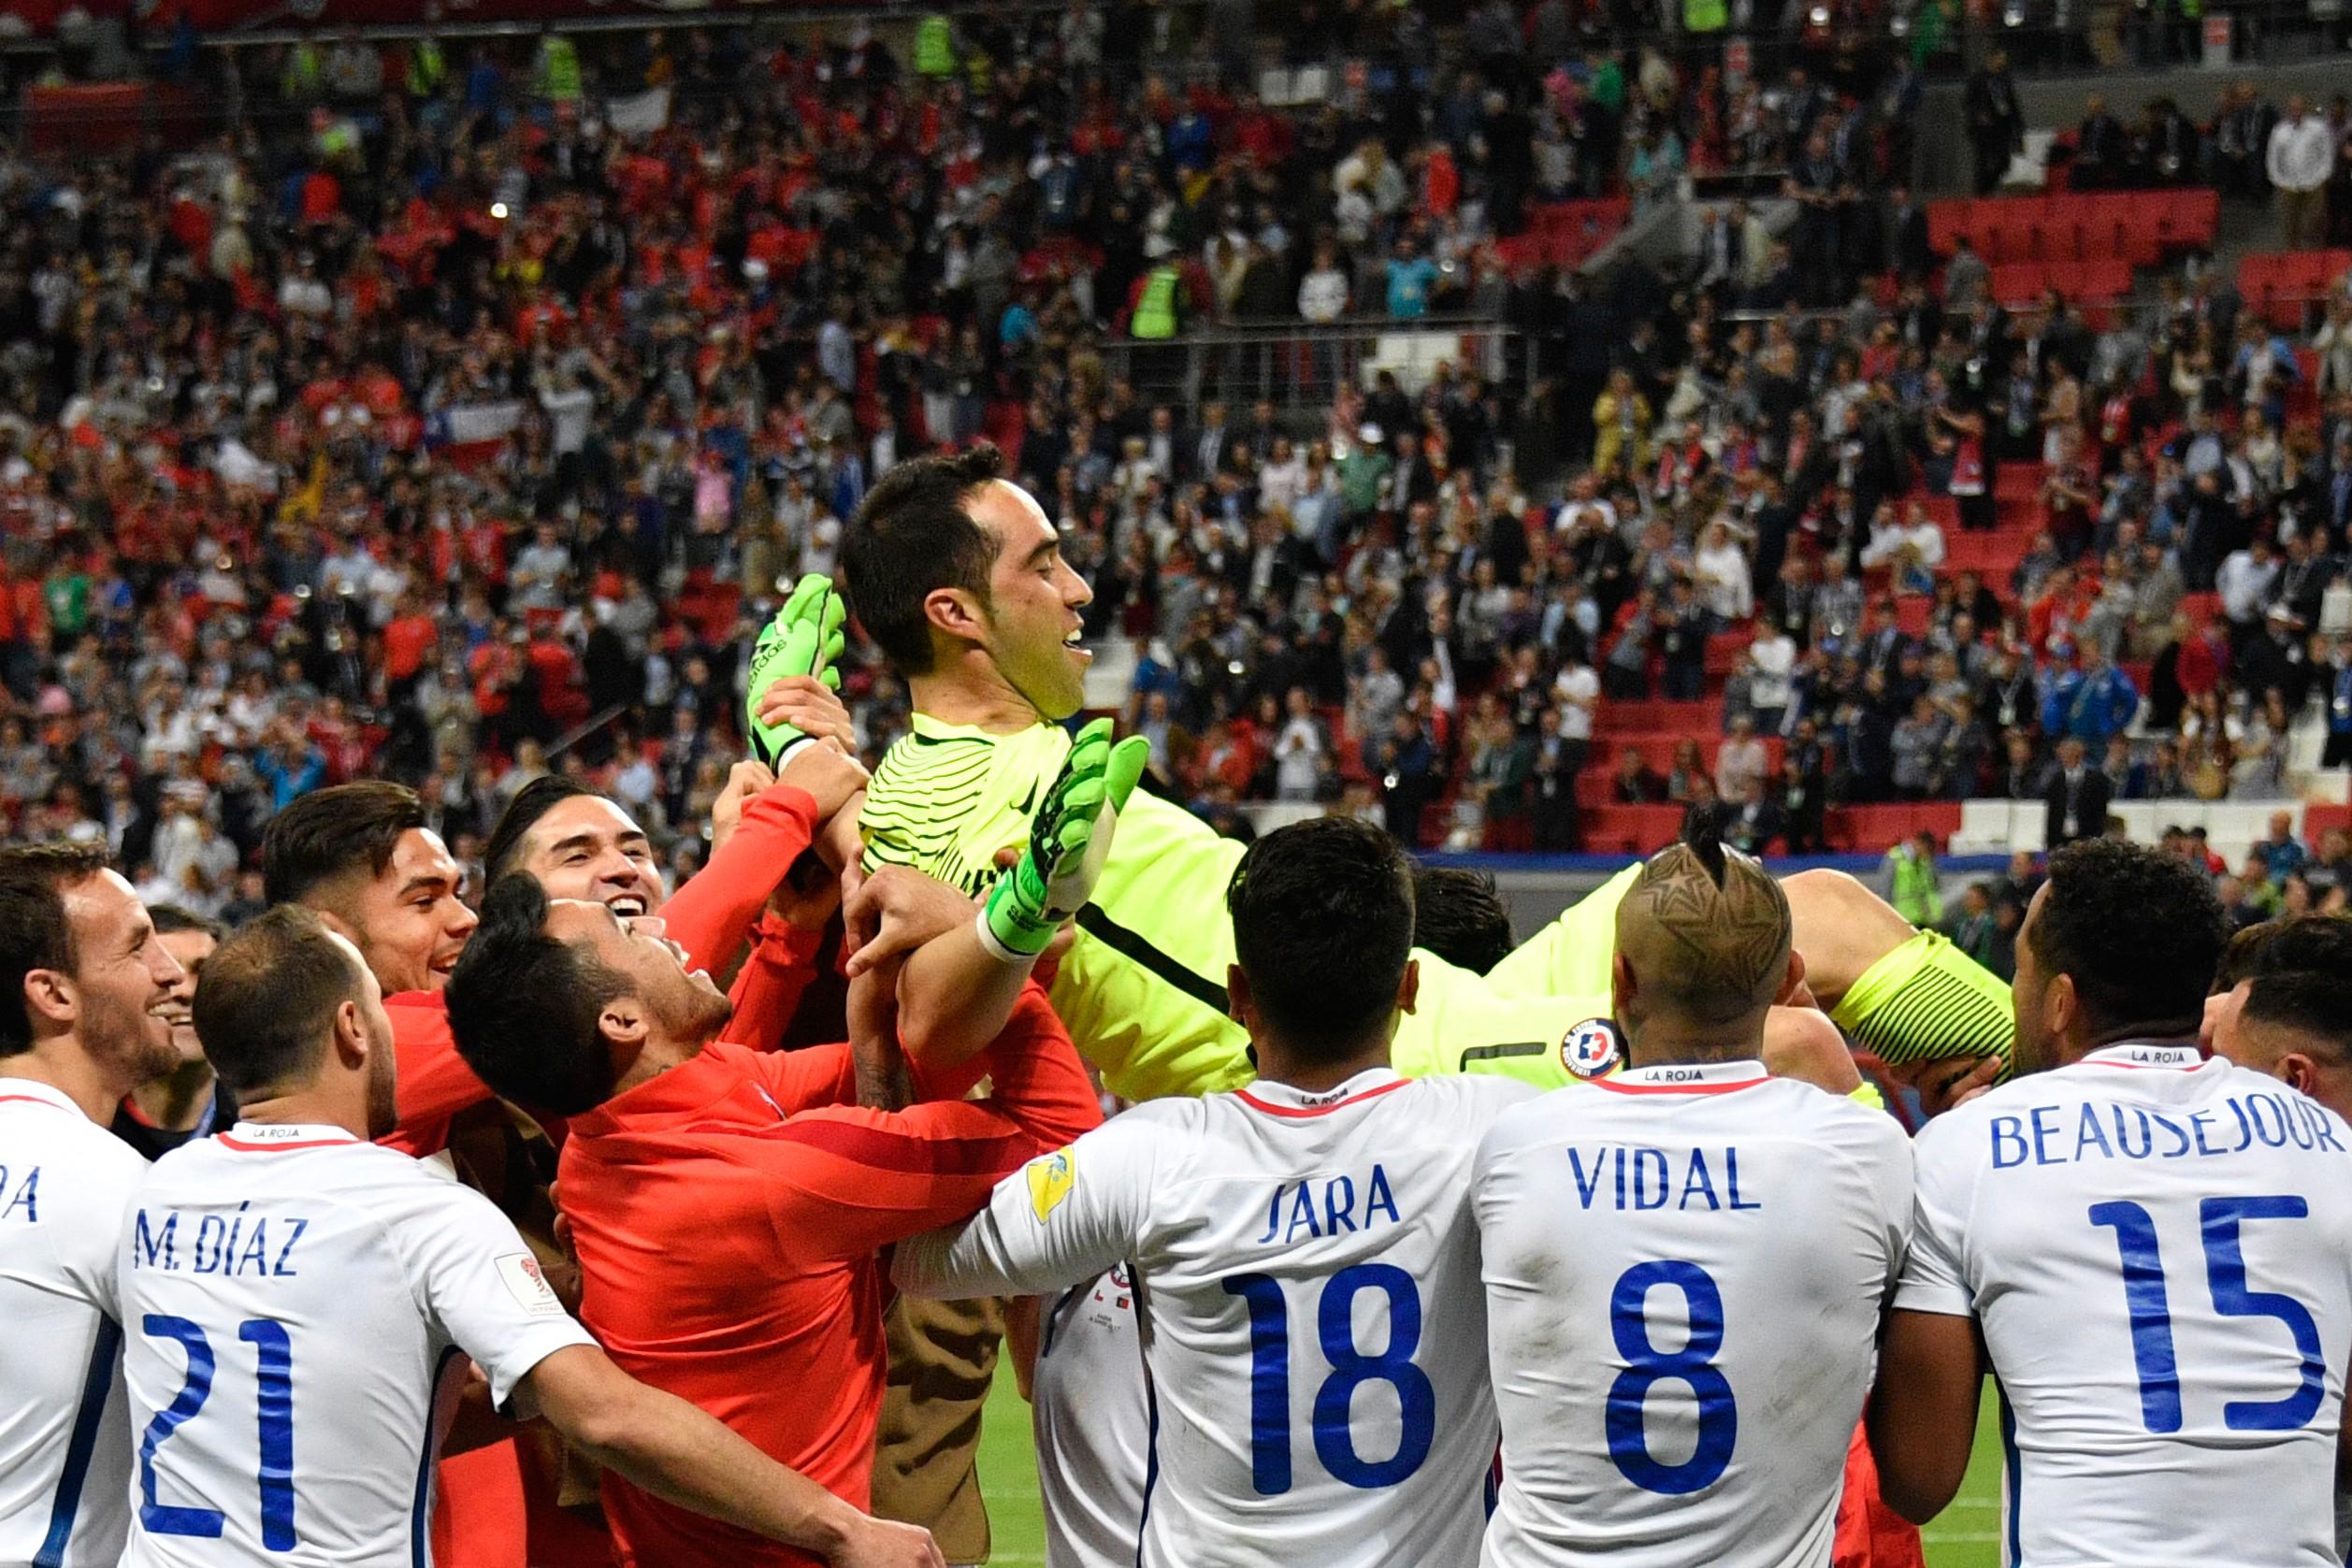 был теперь чили-португалия матч 2017 результат человек